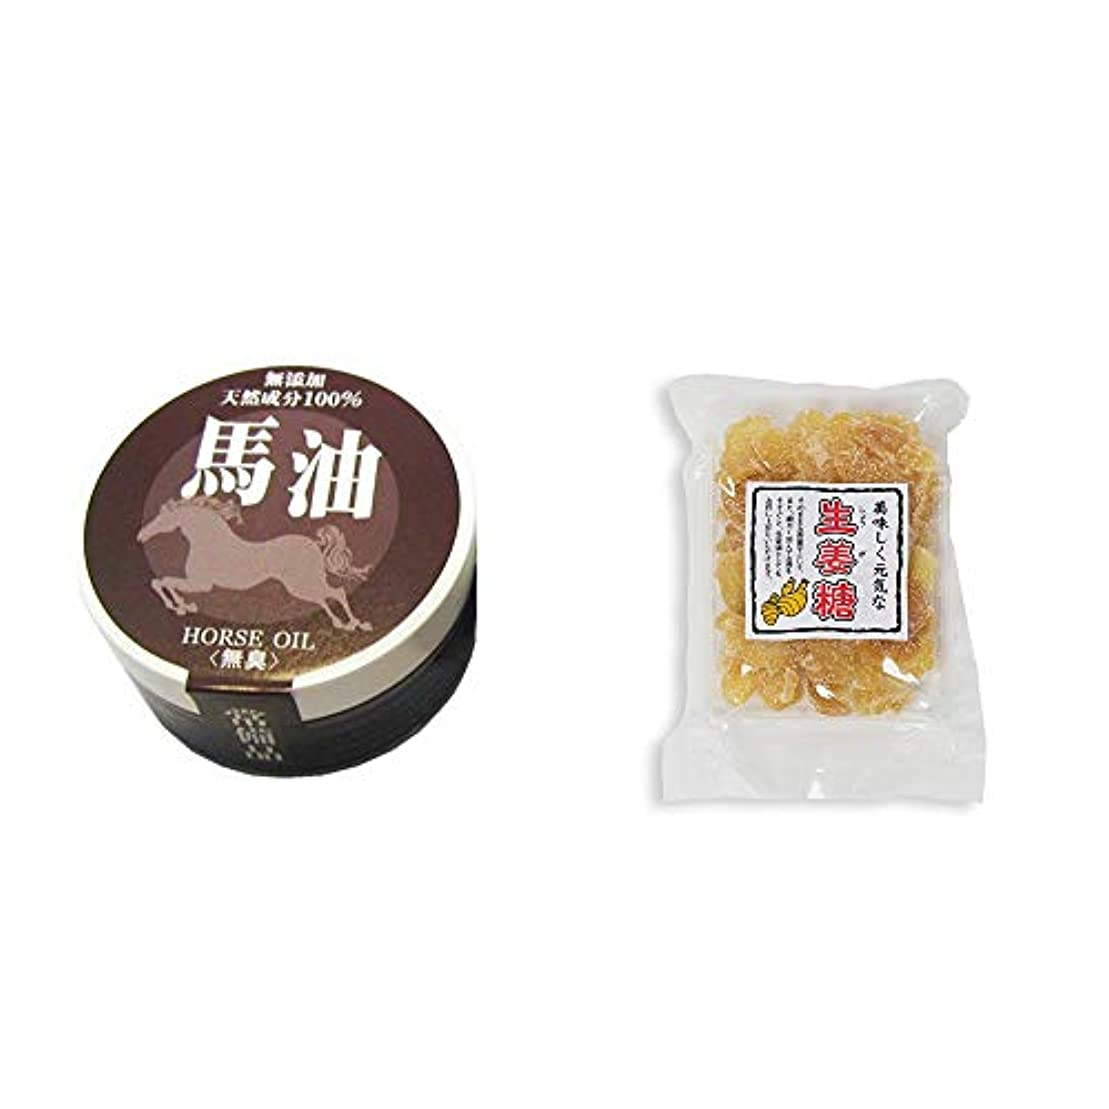 協定繁雑シティ[2点セット] 無添加天然成分100% 馬油[無香料](38g)?生姜糖(230g)